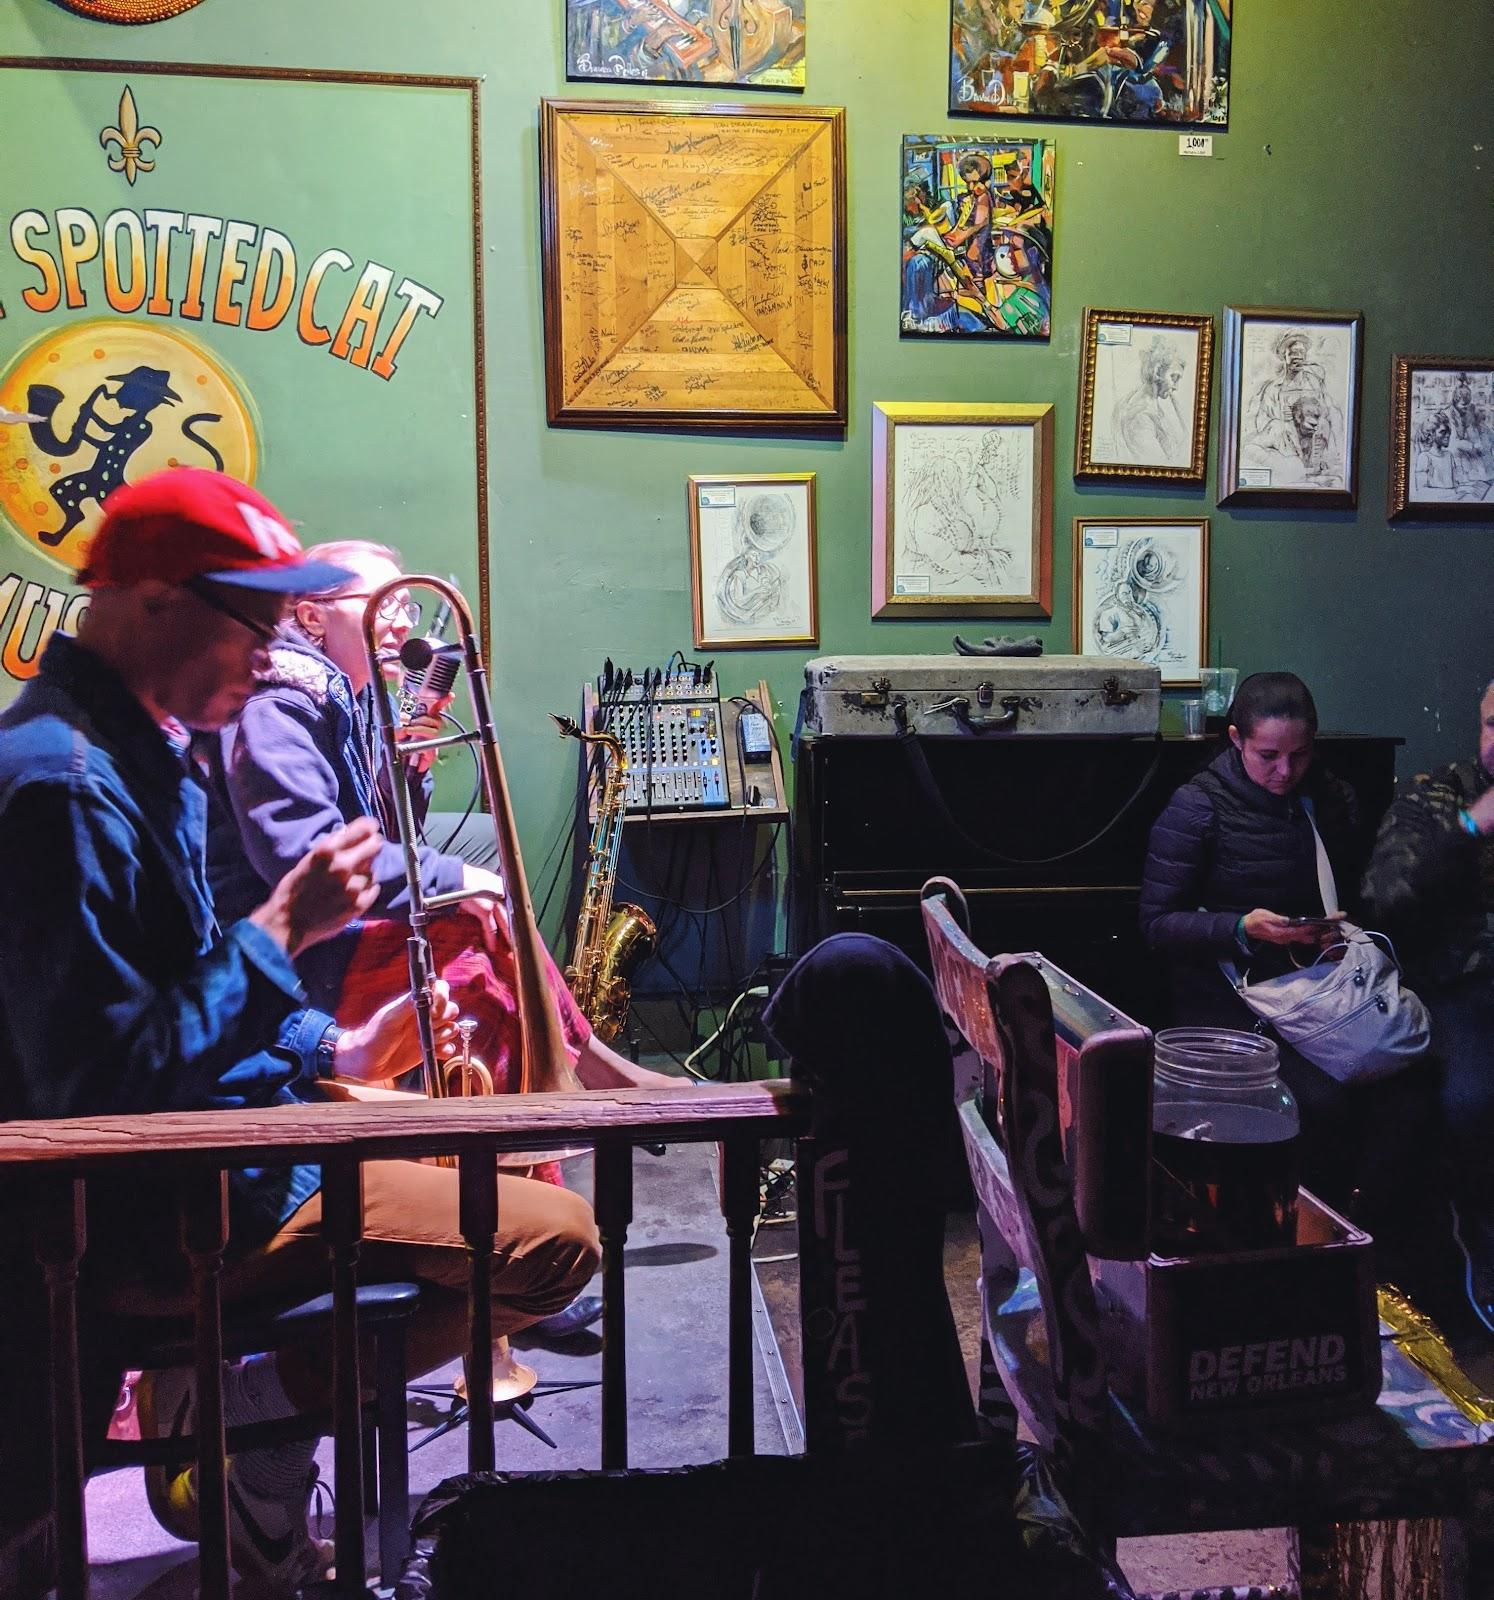 ג'אז בניו אורלינס הבסיס לחוויה לתיירים ולמטיילים לניו אורלינס